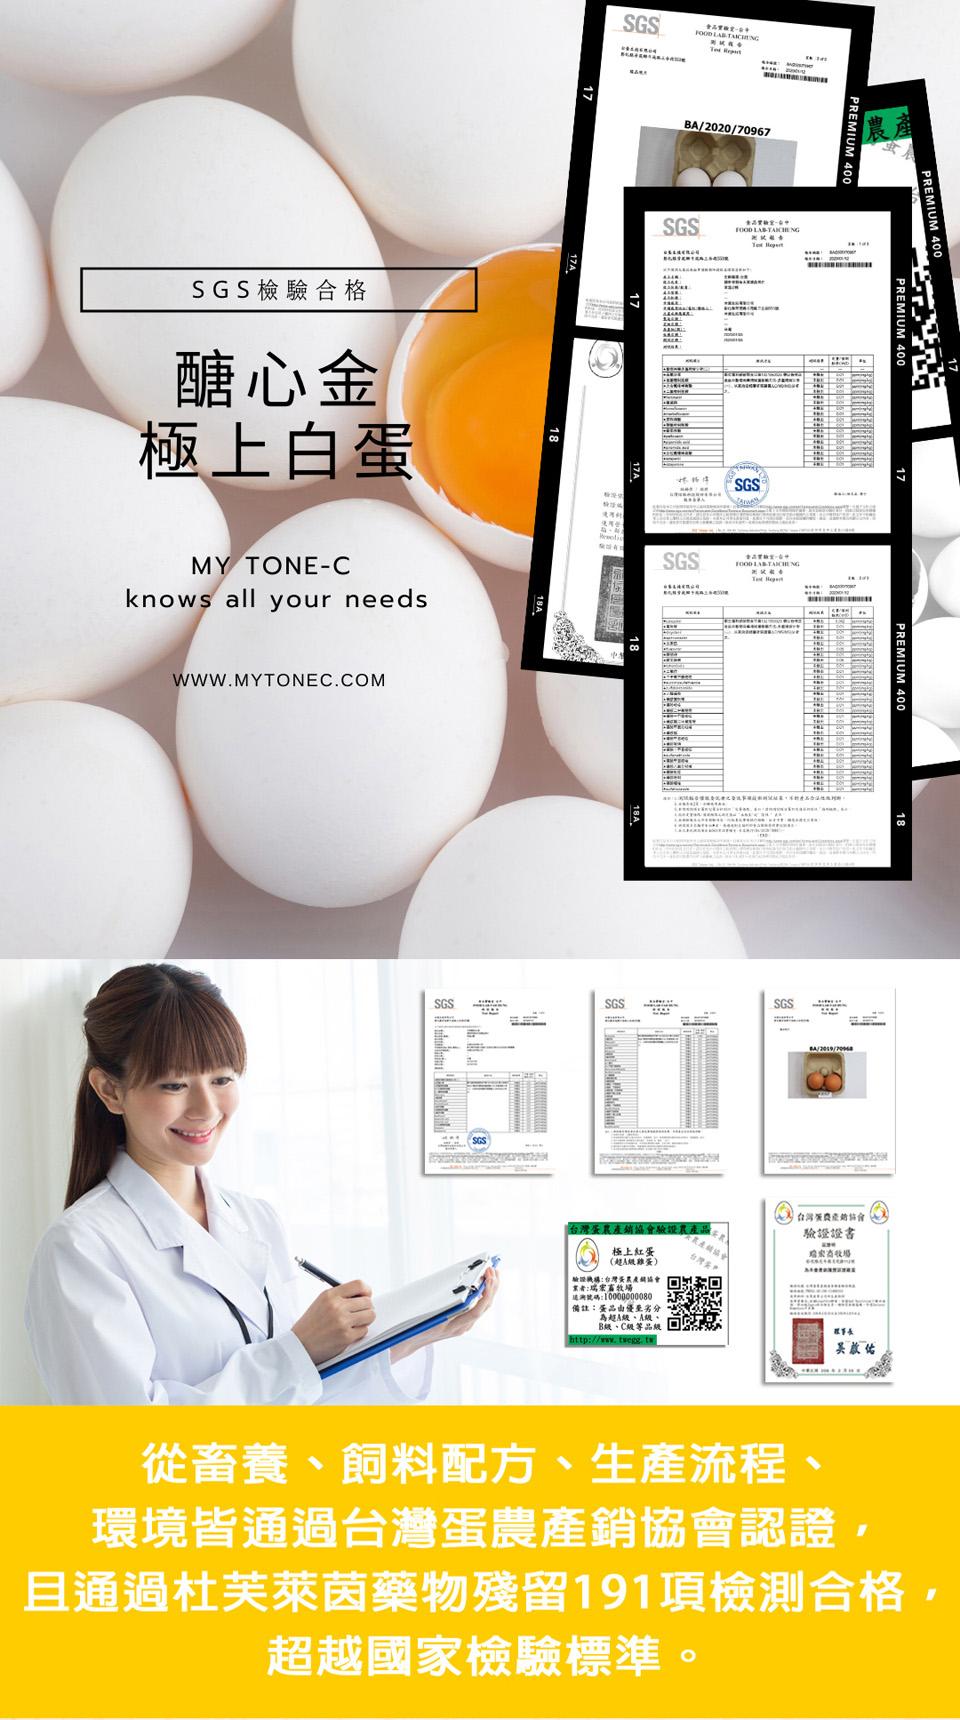 SGS檢驗合格雞蛋